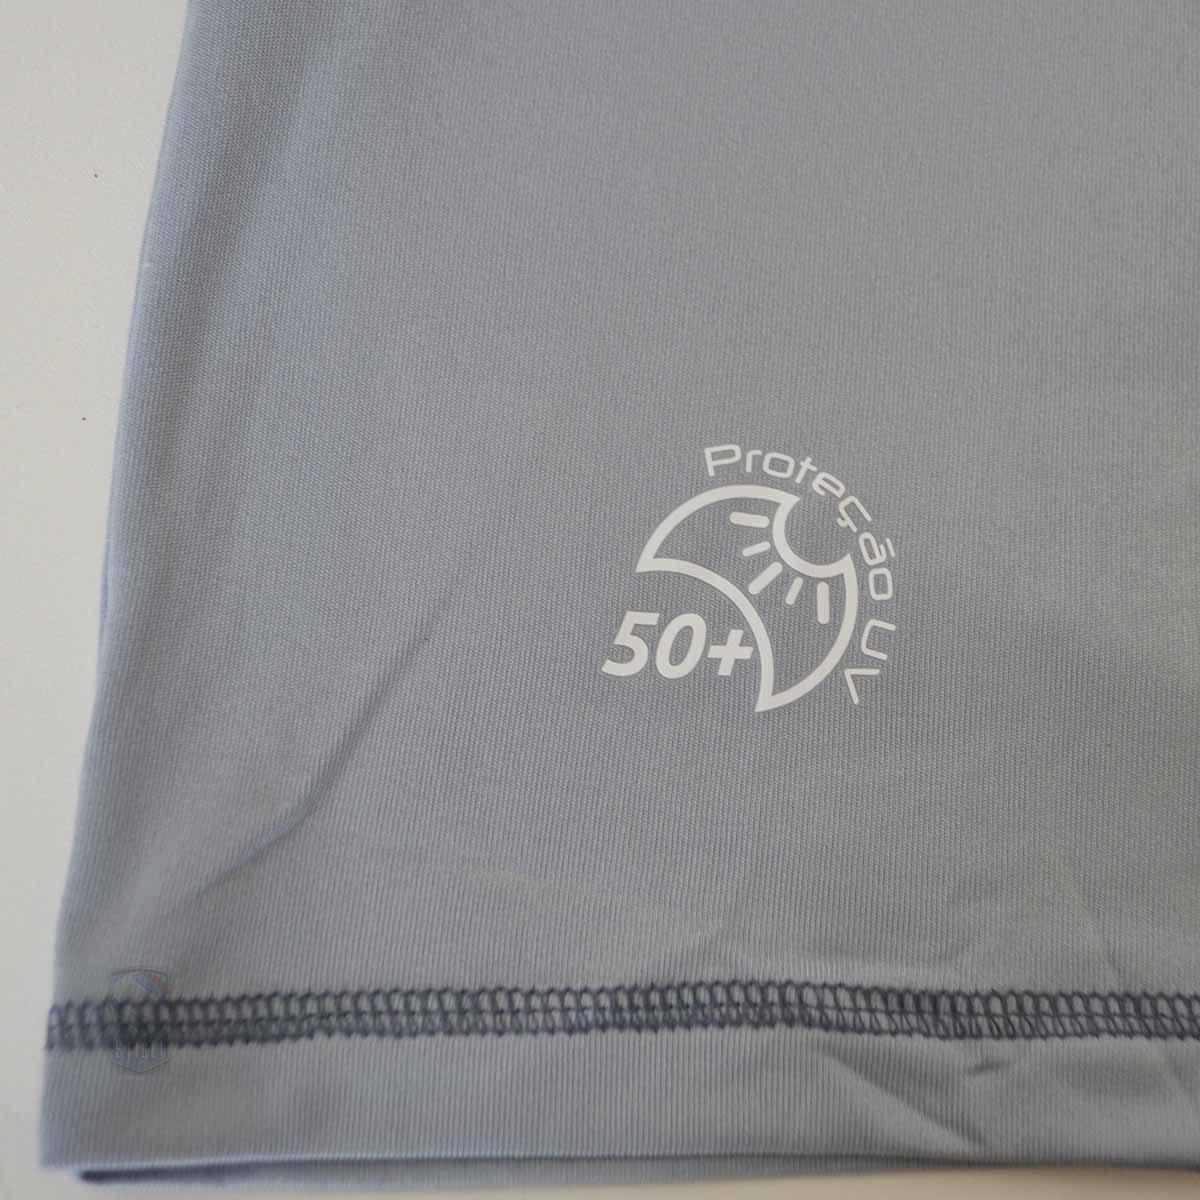 fd37273f2556e camiseta manga longa poker proteção uv 50+ bactericida c nf. Carregando zoom .